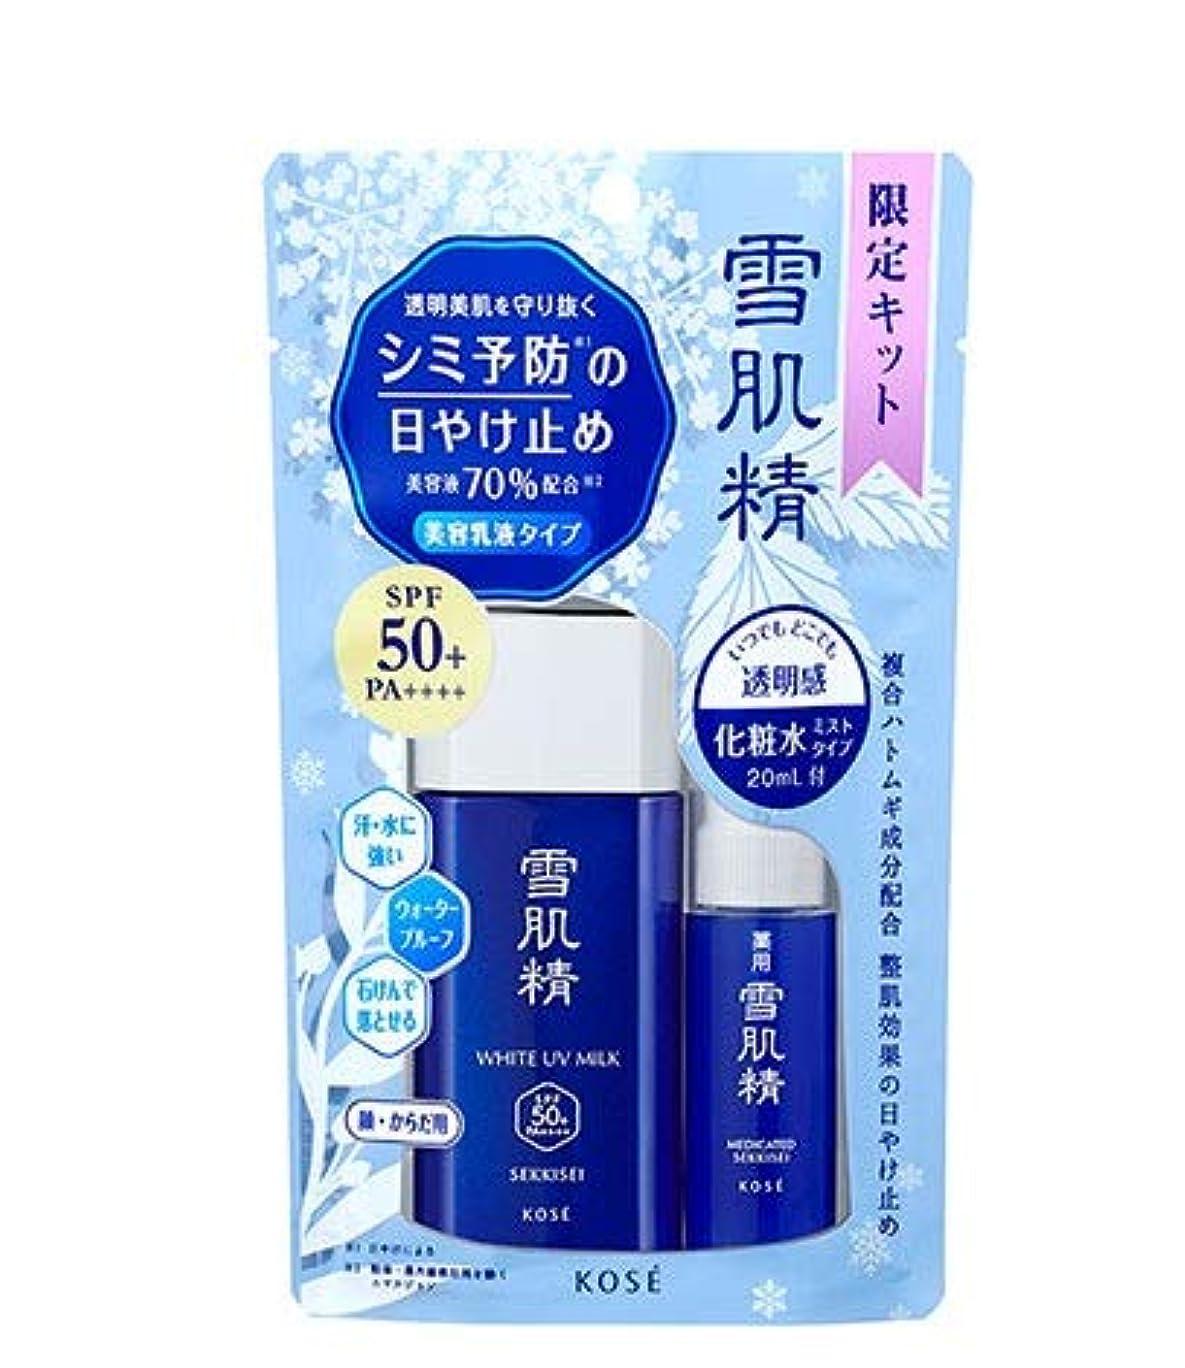 パノラマ性別概念☆限定品☆ コーセー KOSE 雪肌精 ホワイト UV ミルク キット